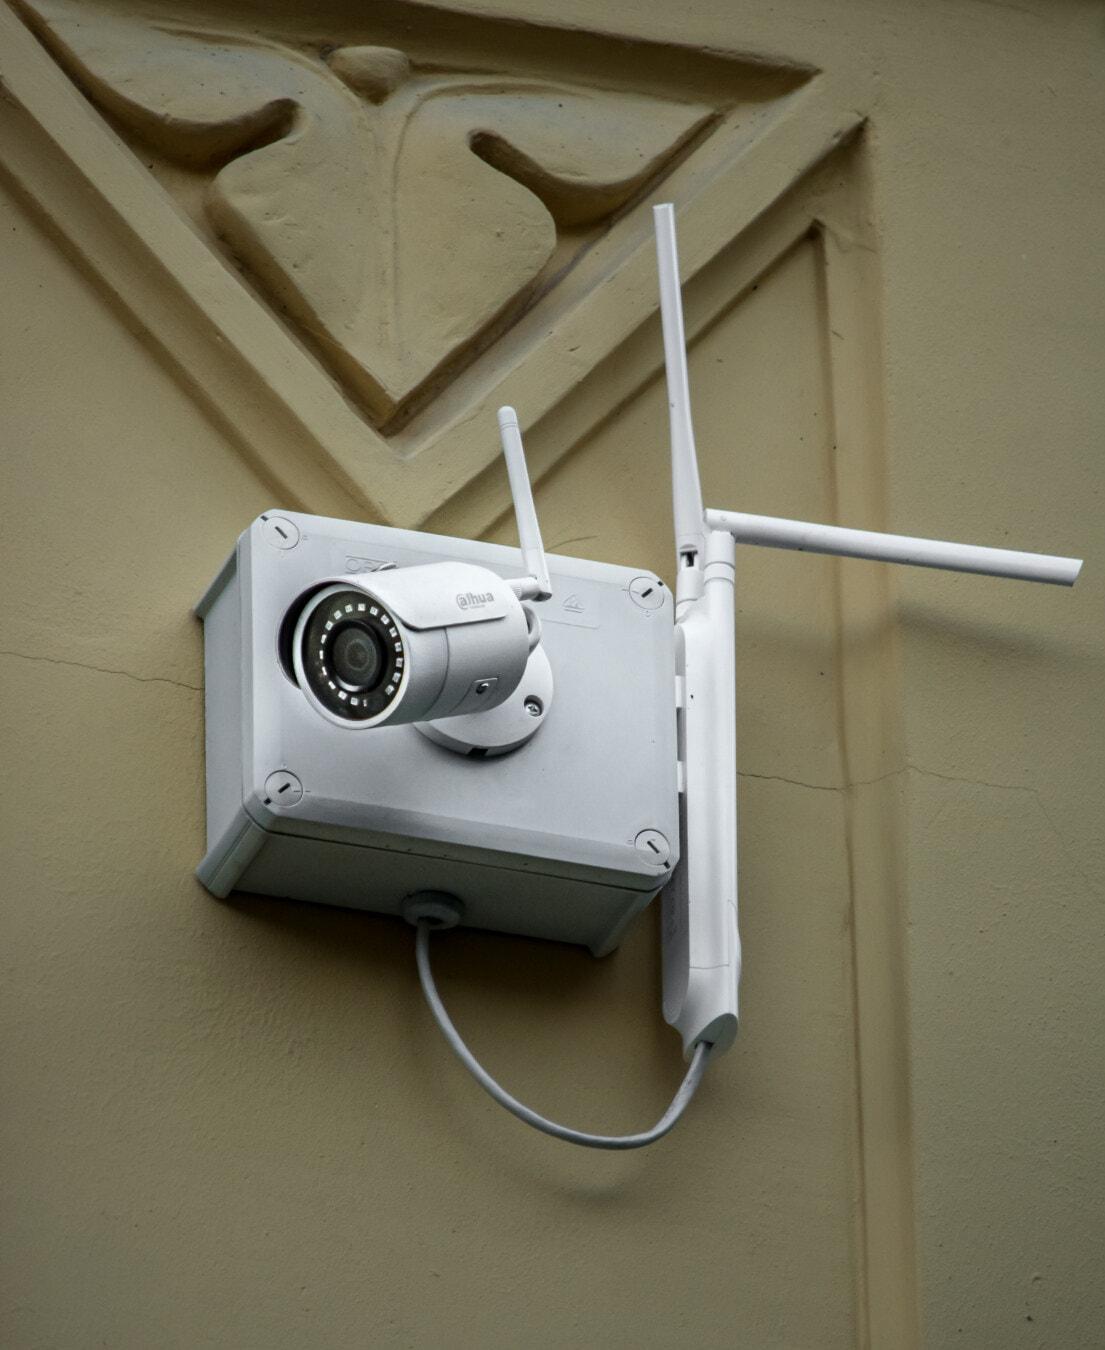 sans fil, surveillance, enregistrement vidéo, appareil photo numérique, sécurité, Internet, technologie, appareil photo, unité, équipement